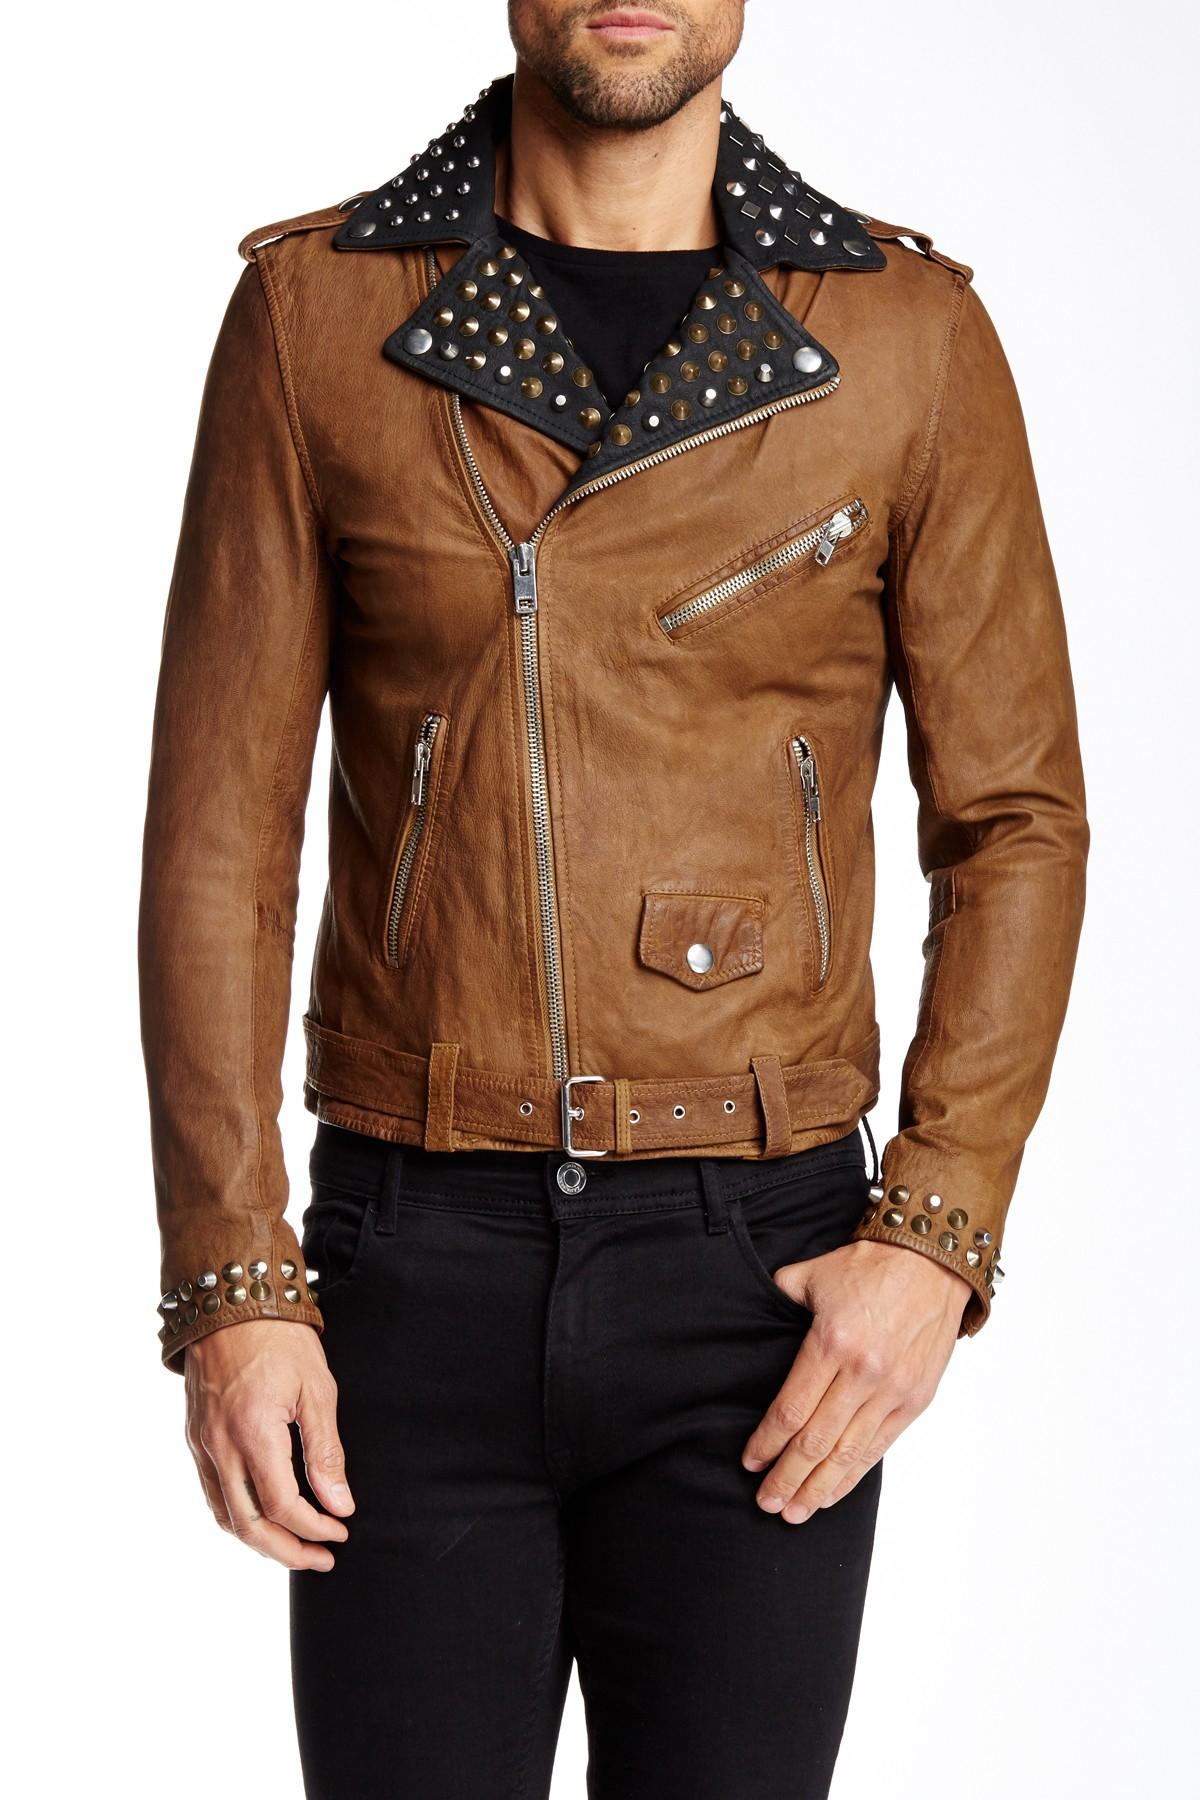 Diesel brown leather jacket